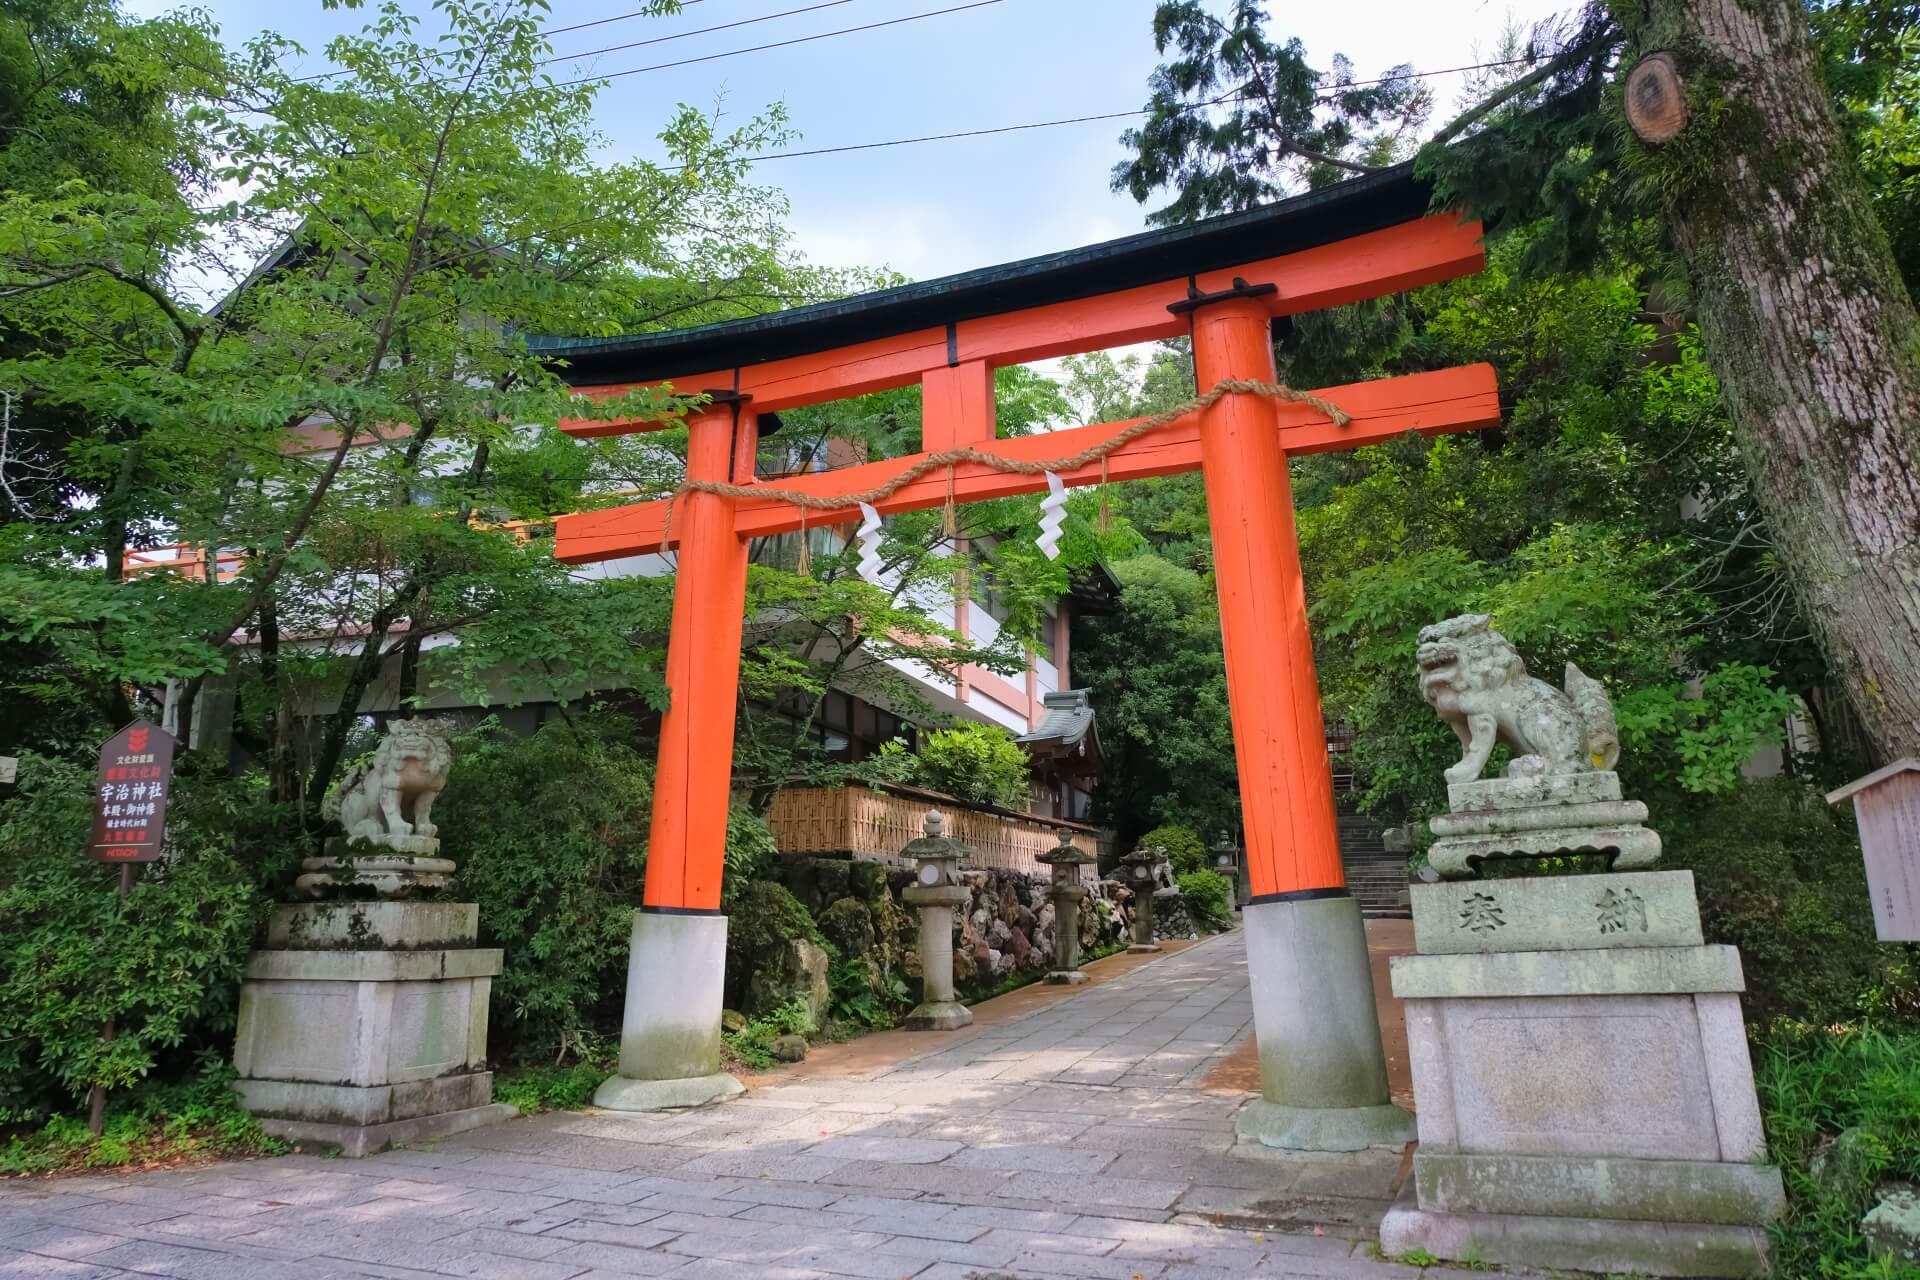 初詣で縁を引き寄せる!関西で人気の高いおすすめ神社